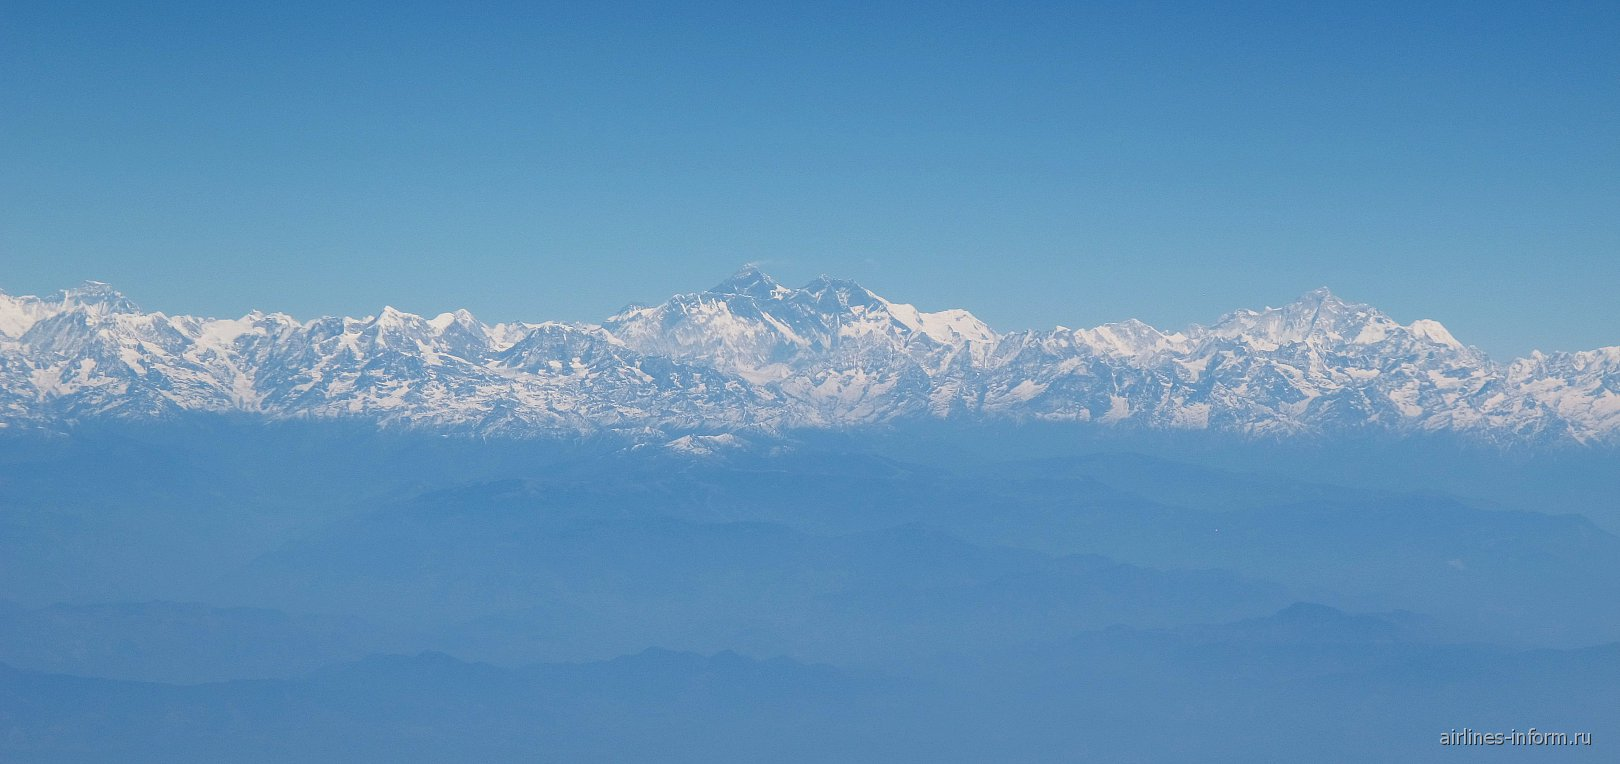 Гималайские горы и вершина Эверест в центре